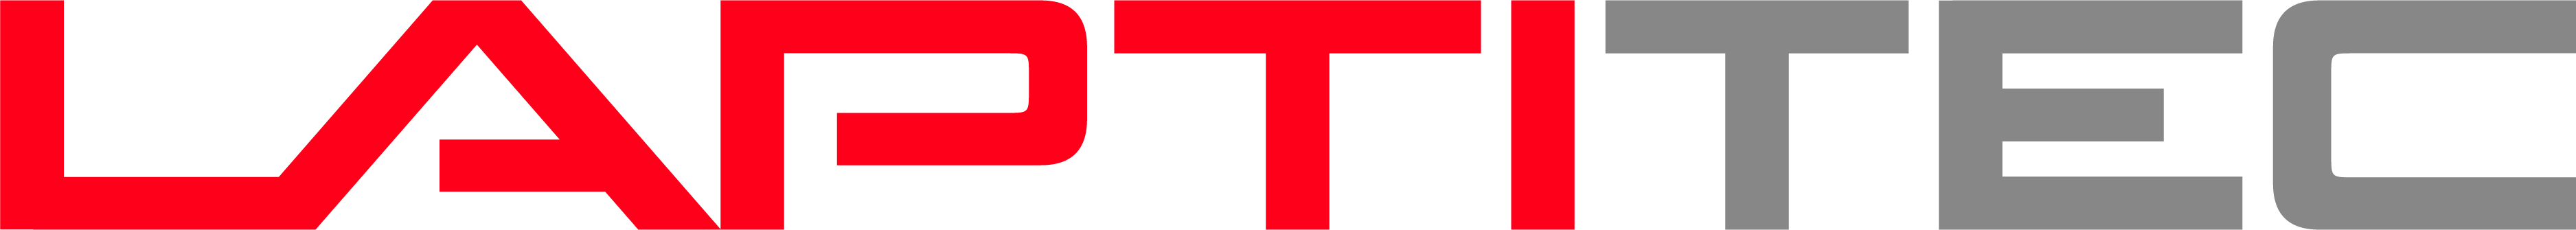 Laptitec Logo